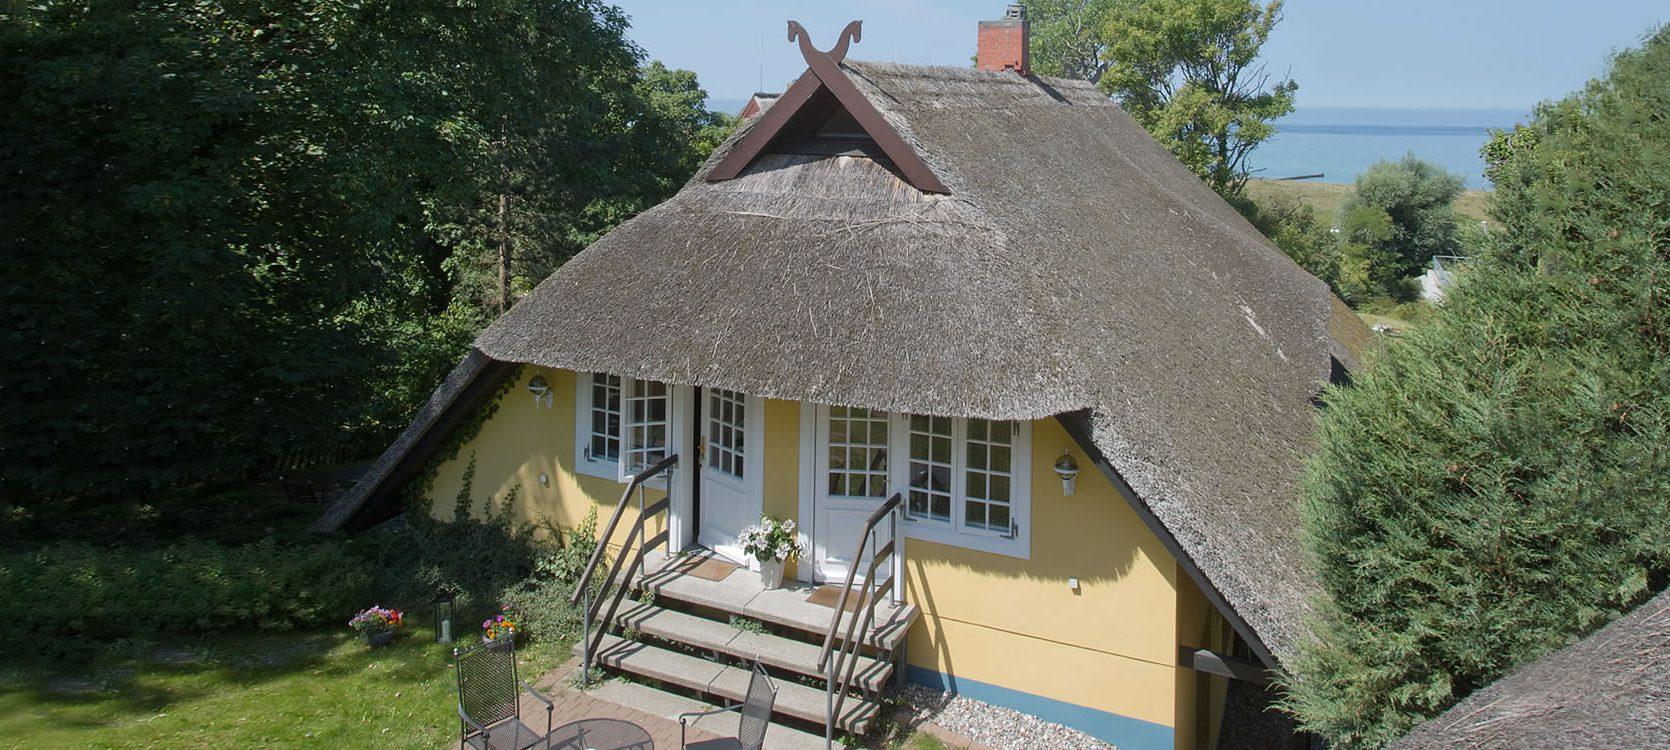 Gästehaus Bergfalke zur Boddenseite